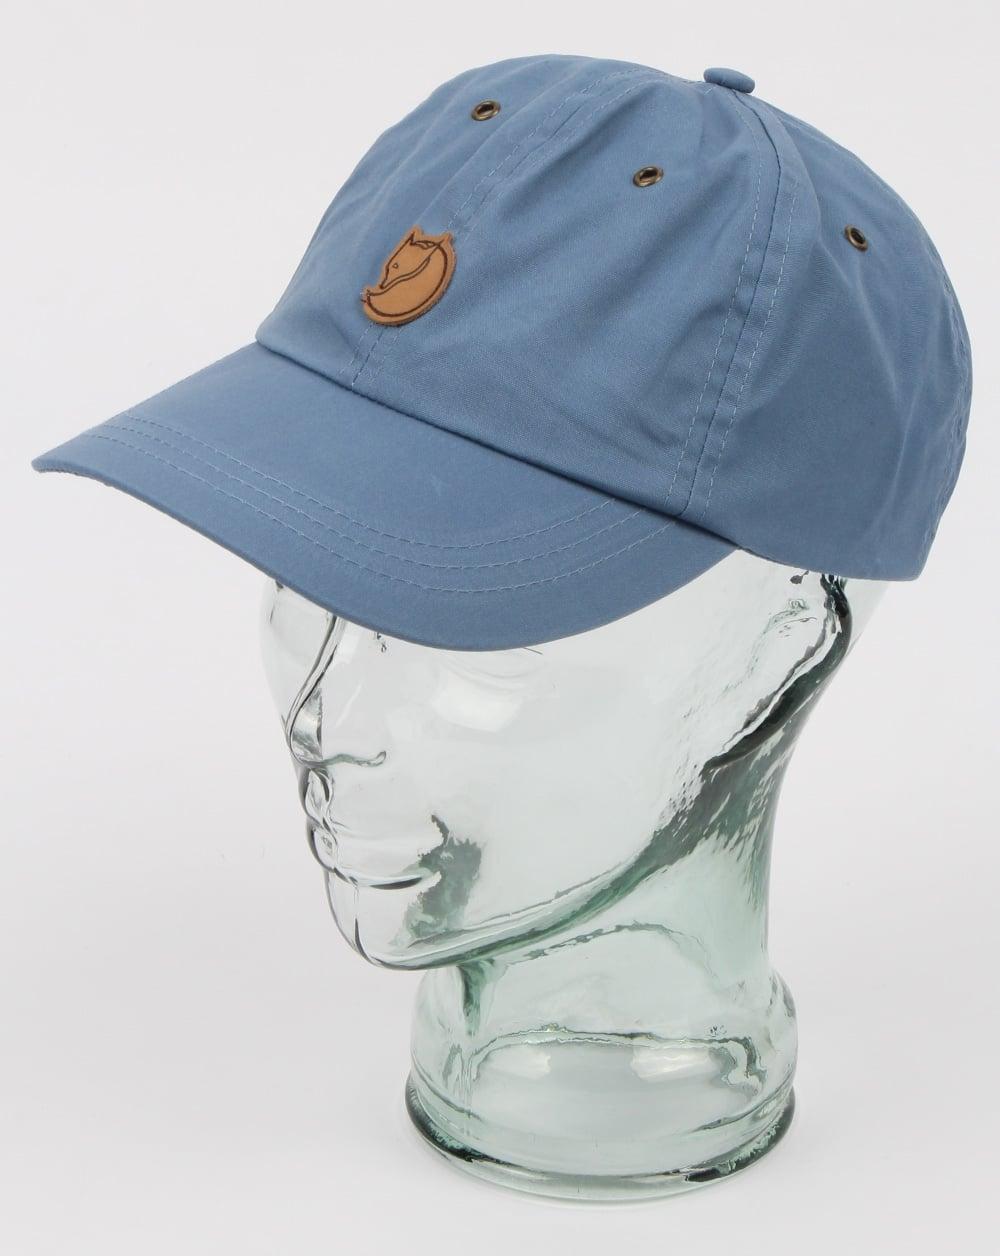 newest collection c55a3 9f1ce Fjallraven Helags Cap Blue Ridge